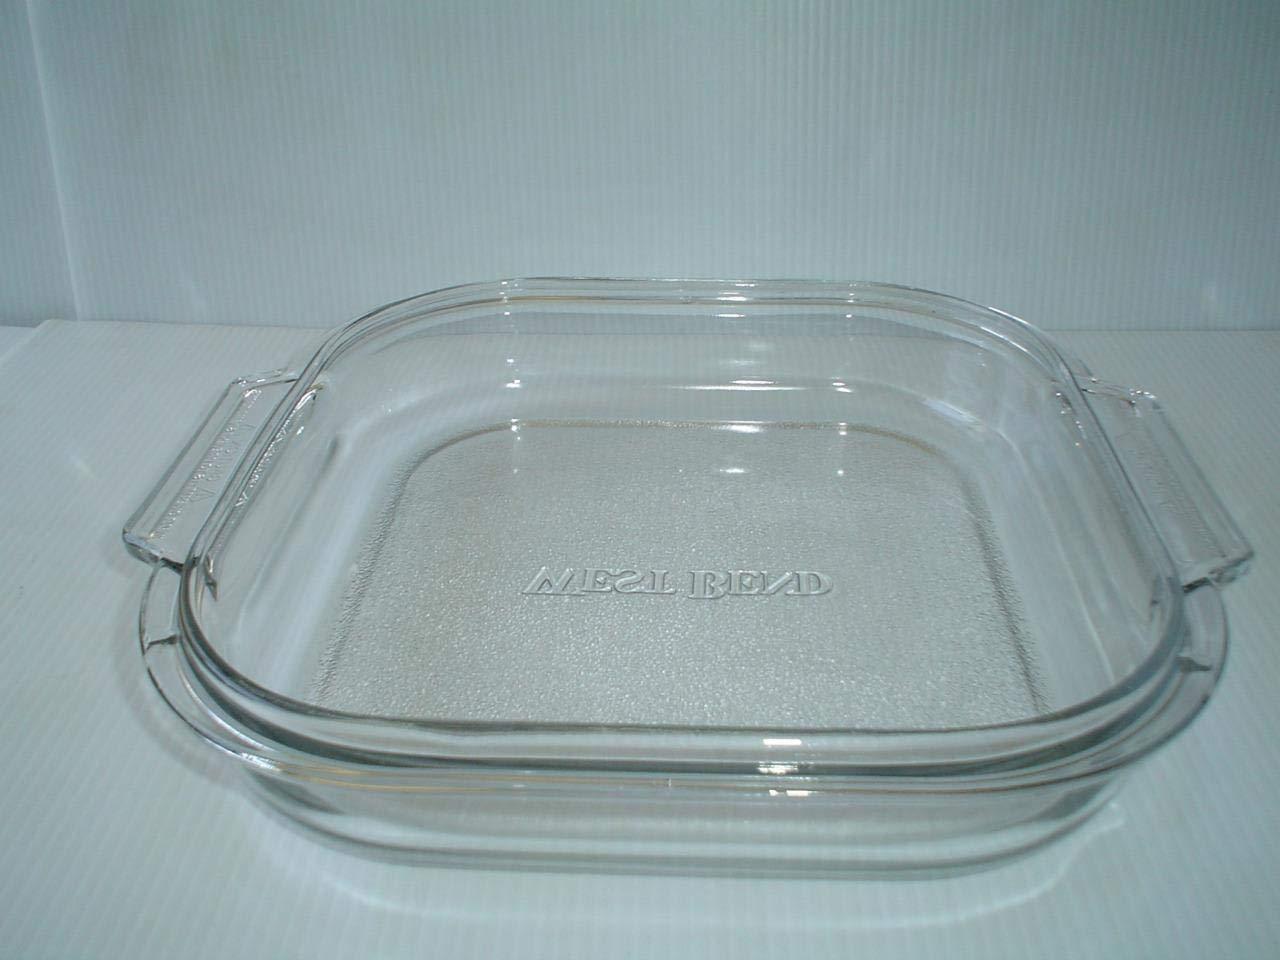 West Bend 4/6 QT Slow Cooker Crock Pot Replacement Lid